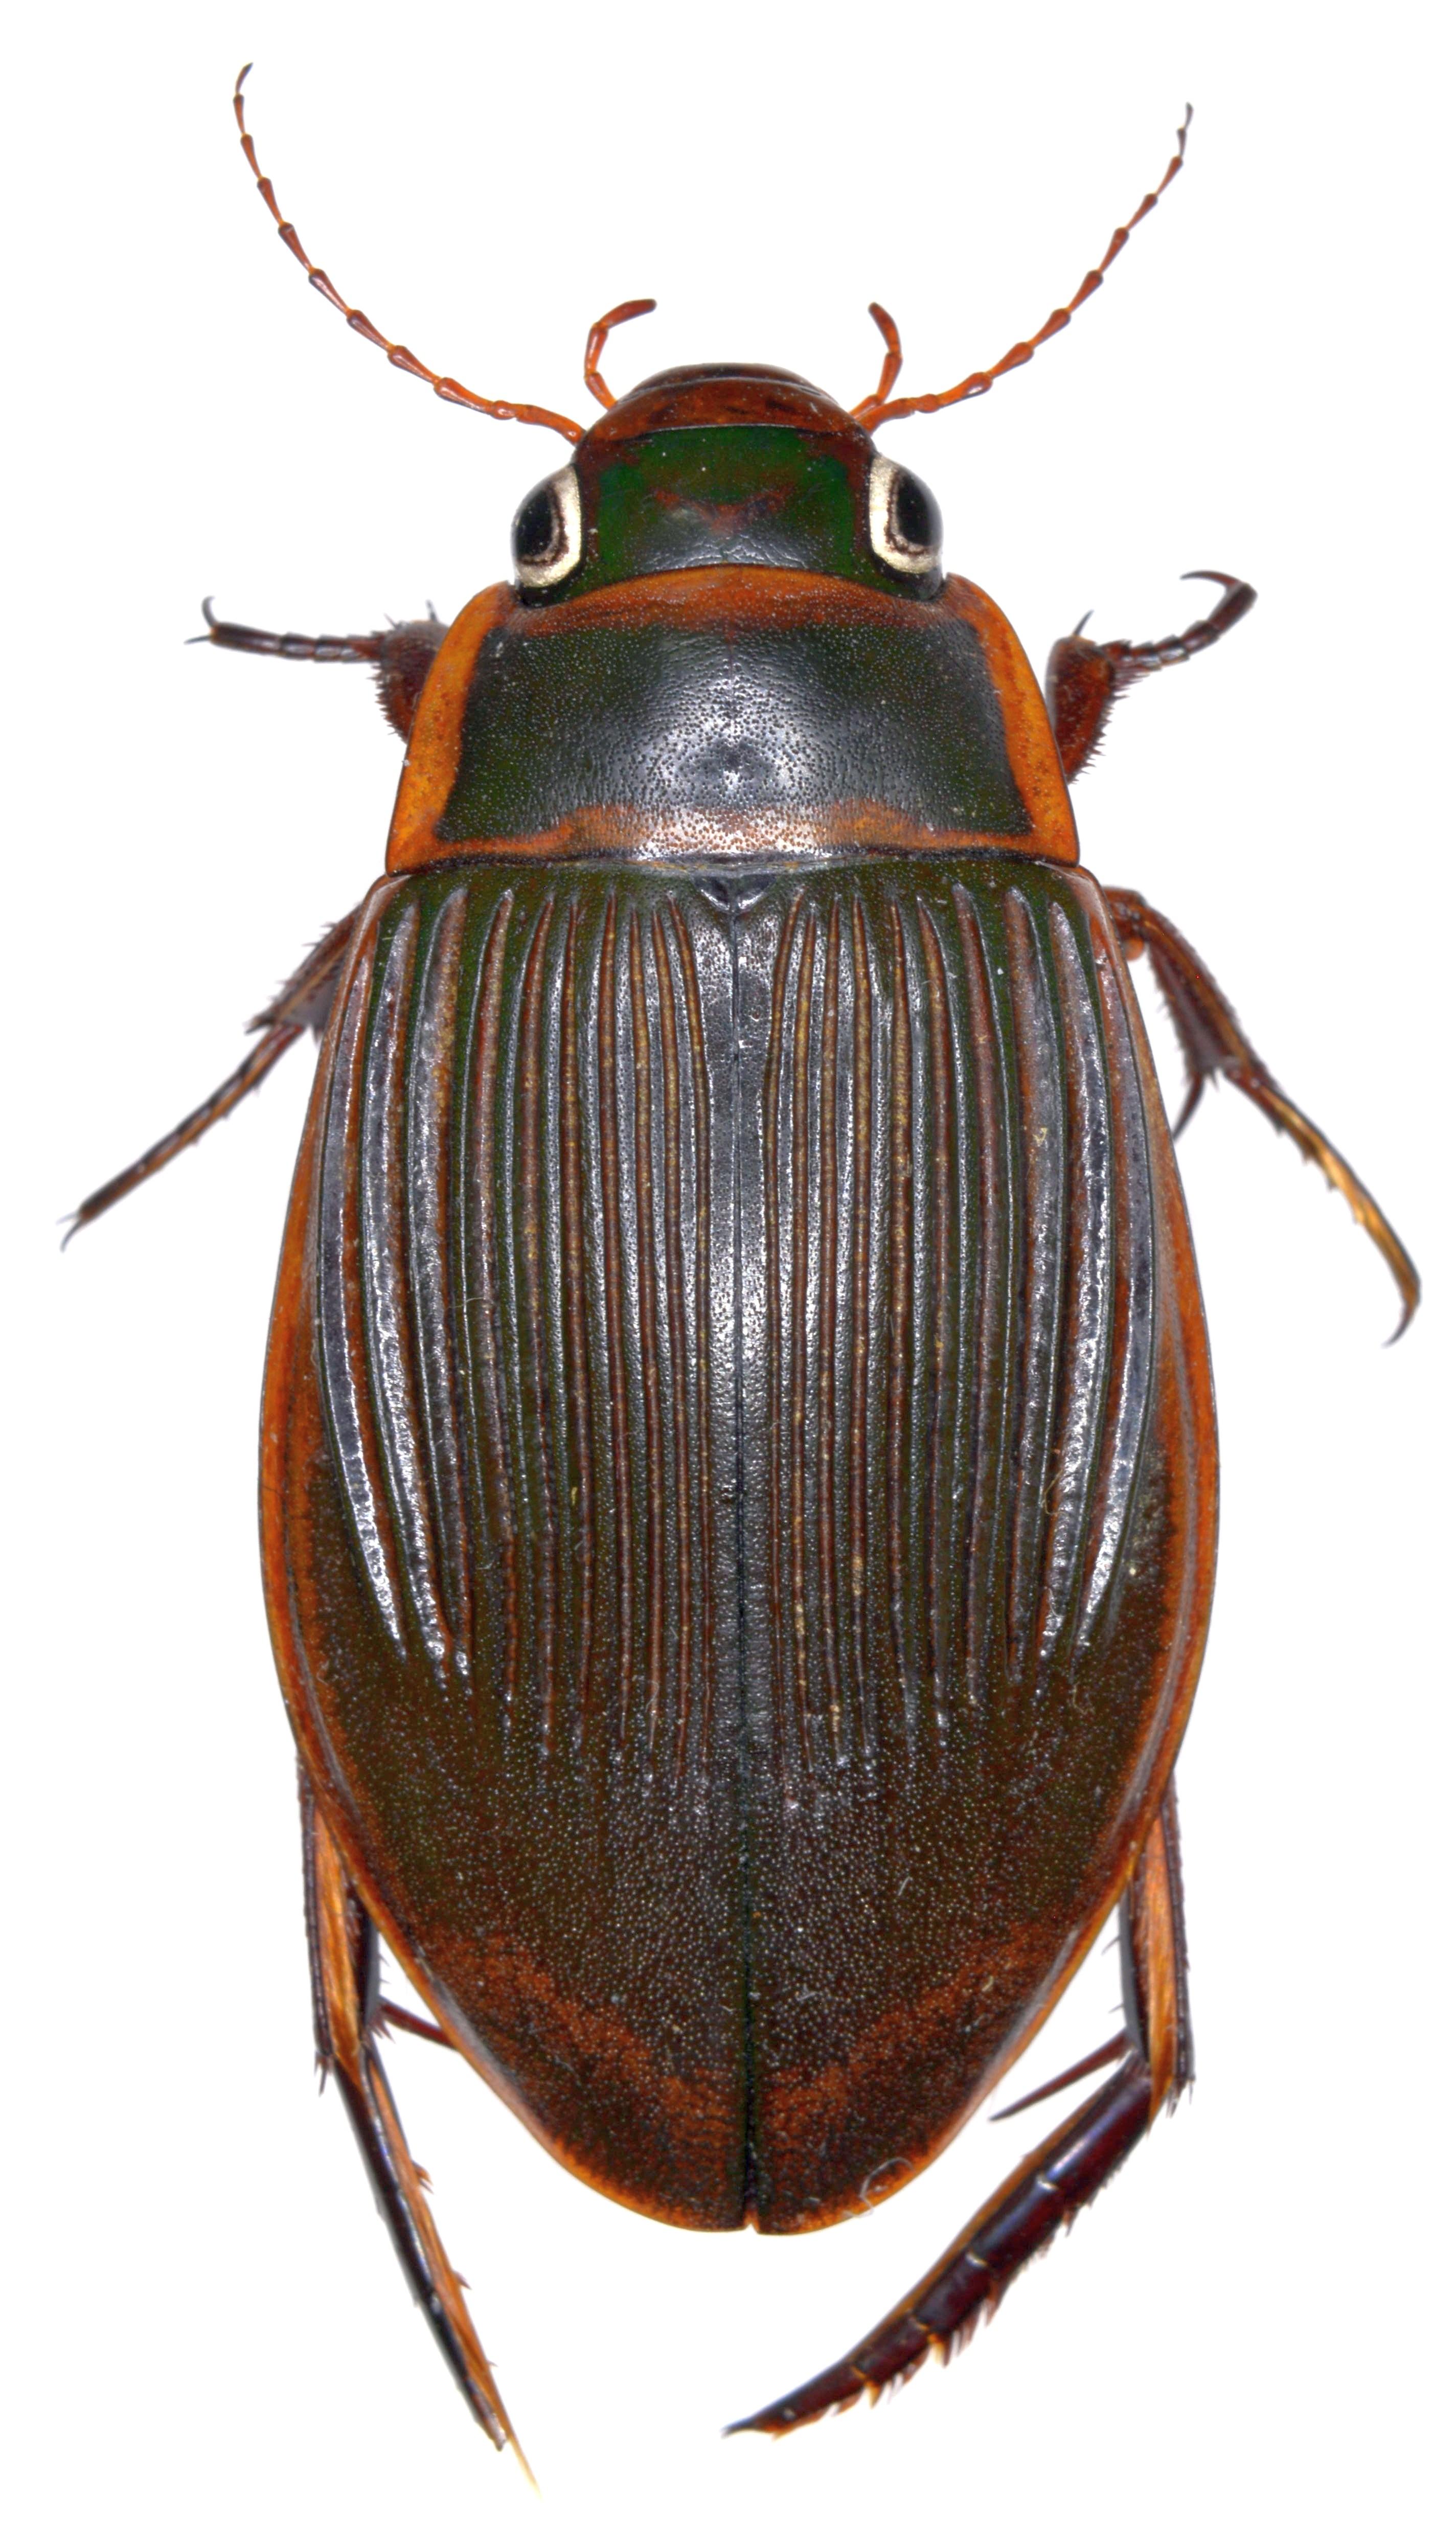 Dytiscus marginalis ♀